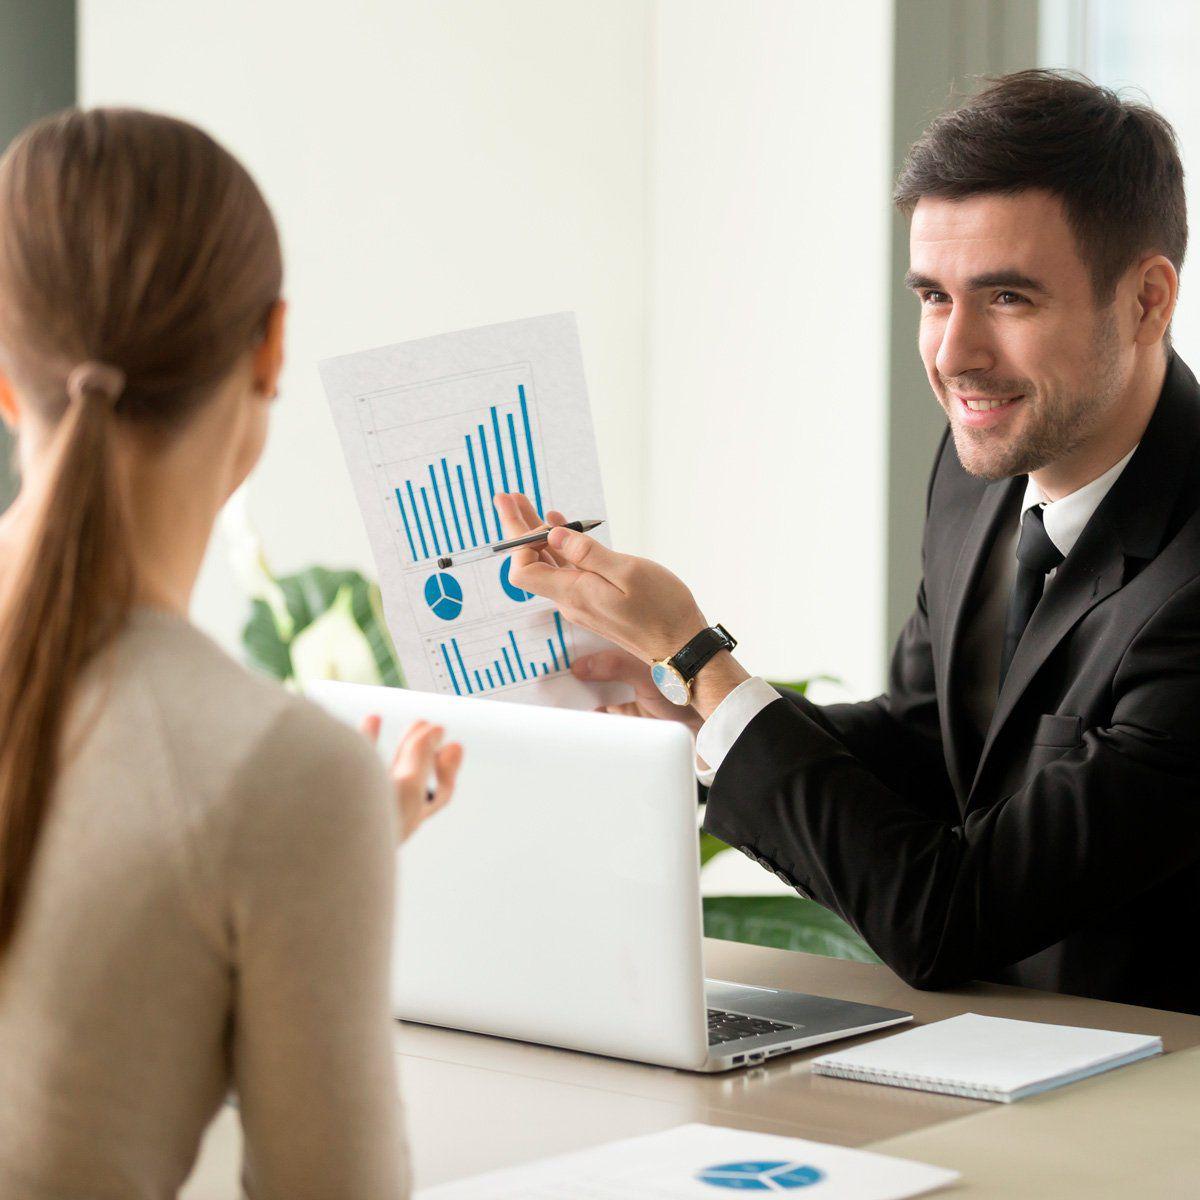 Economia Empresarial: Estratégia de Negócios  - PUC Minas